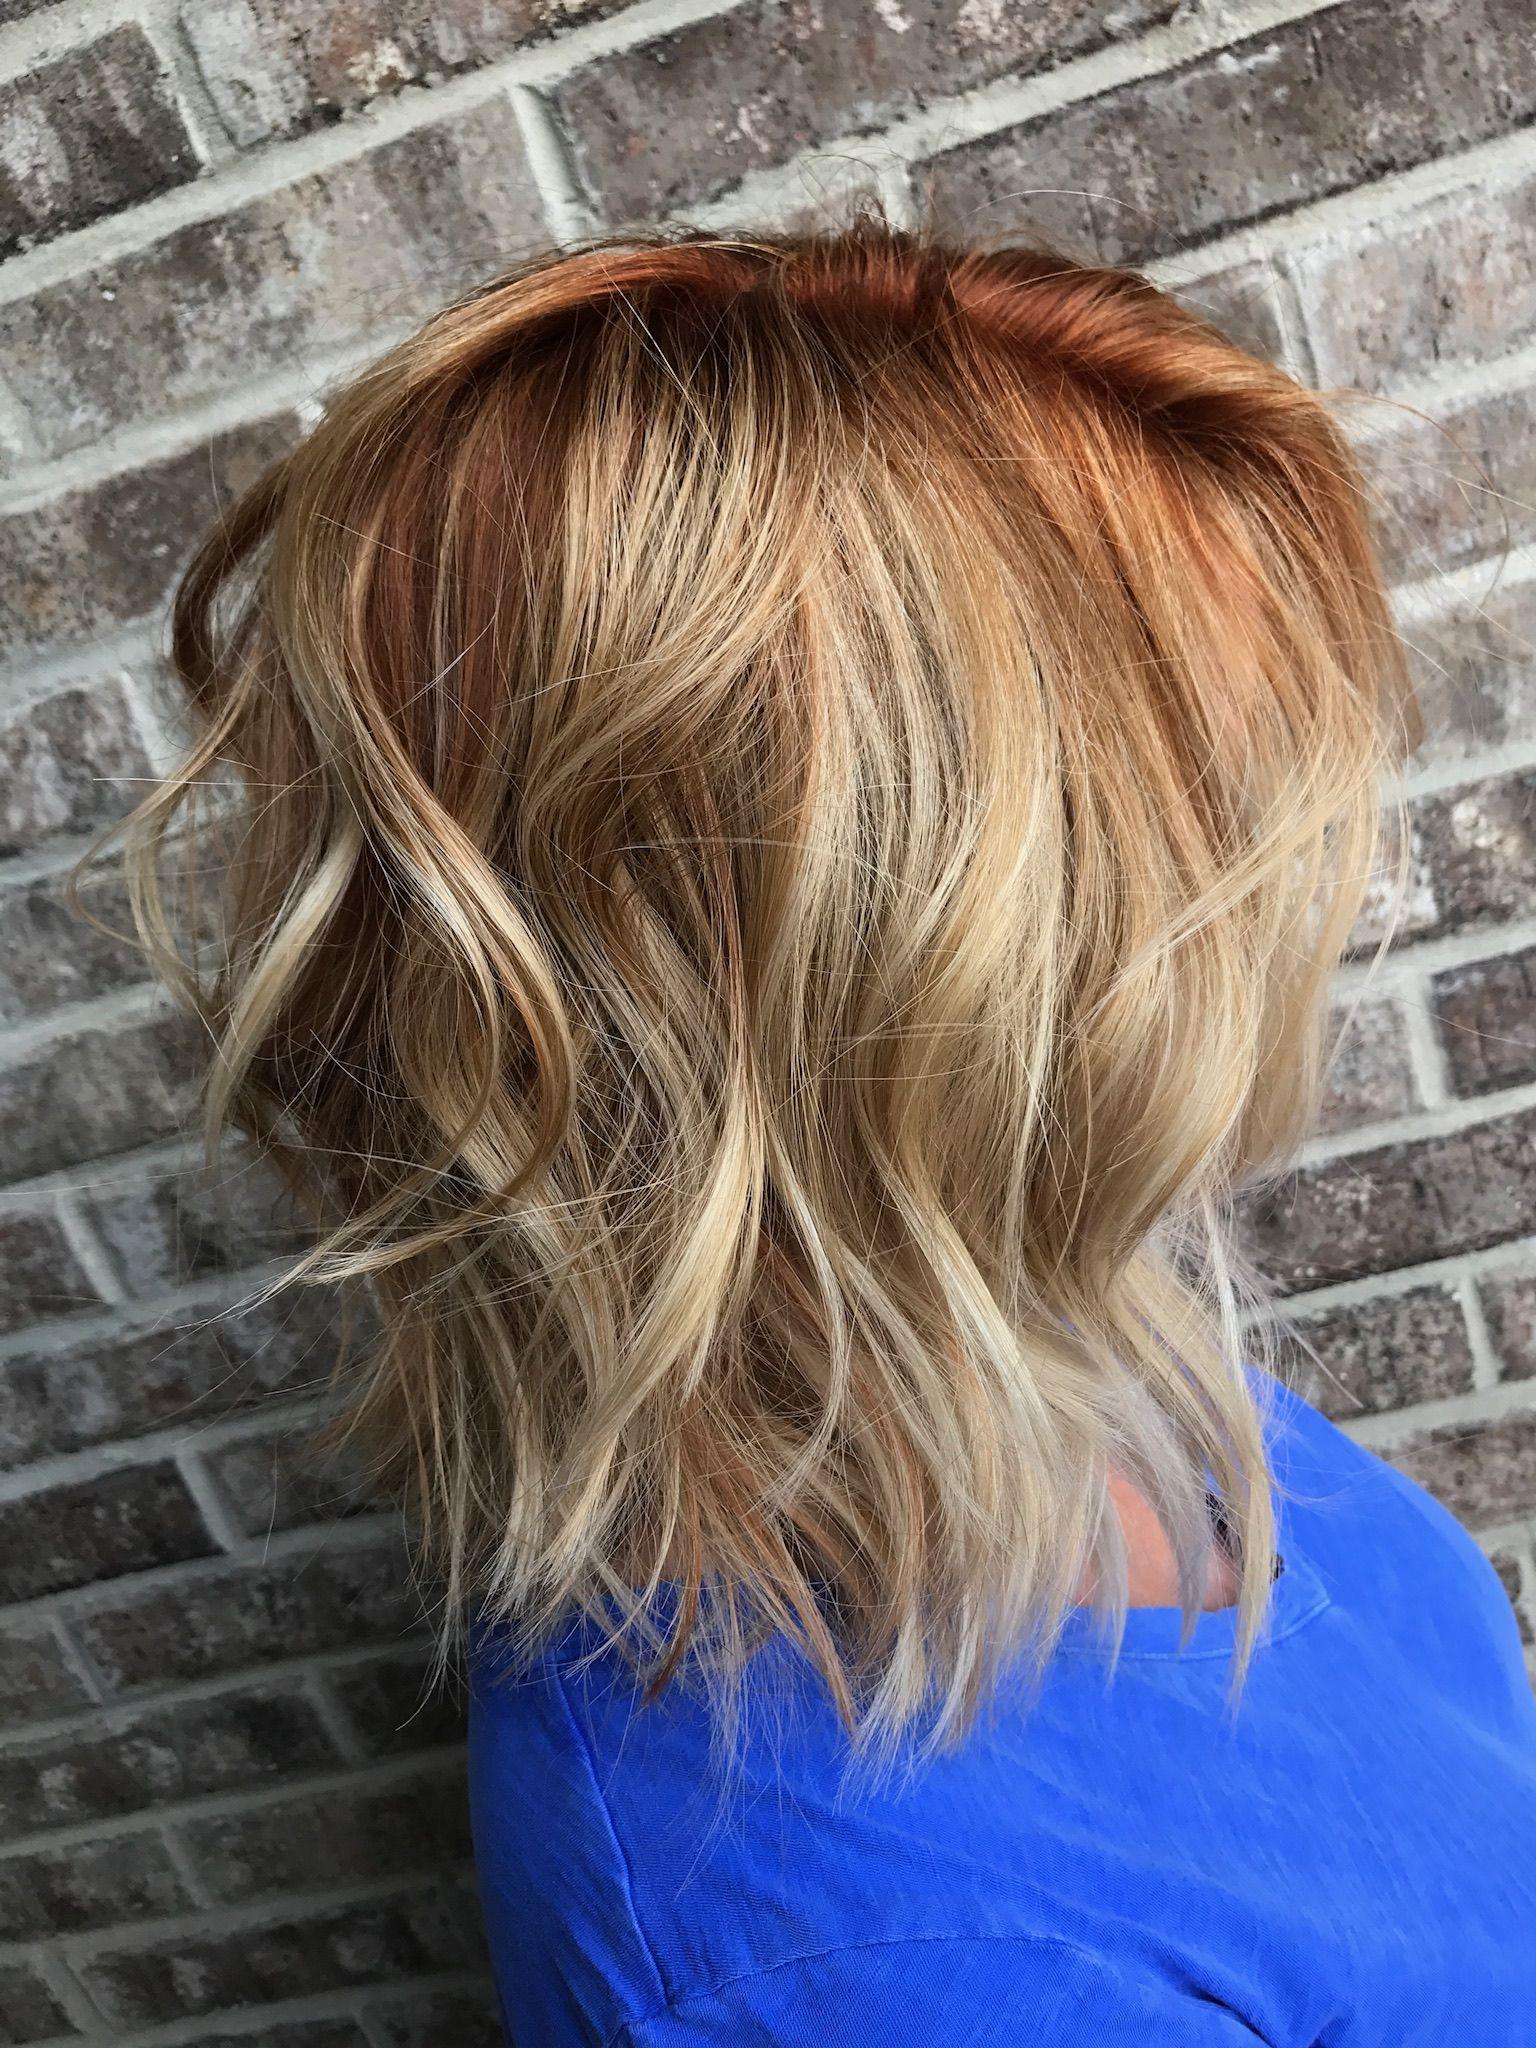 Red hair don't care! Hair by me! @hair_by_shannalorraien